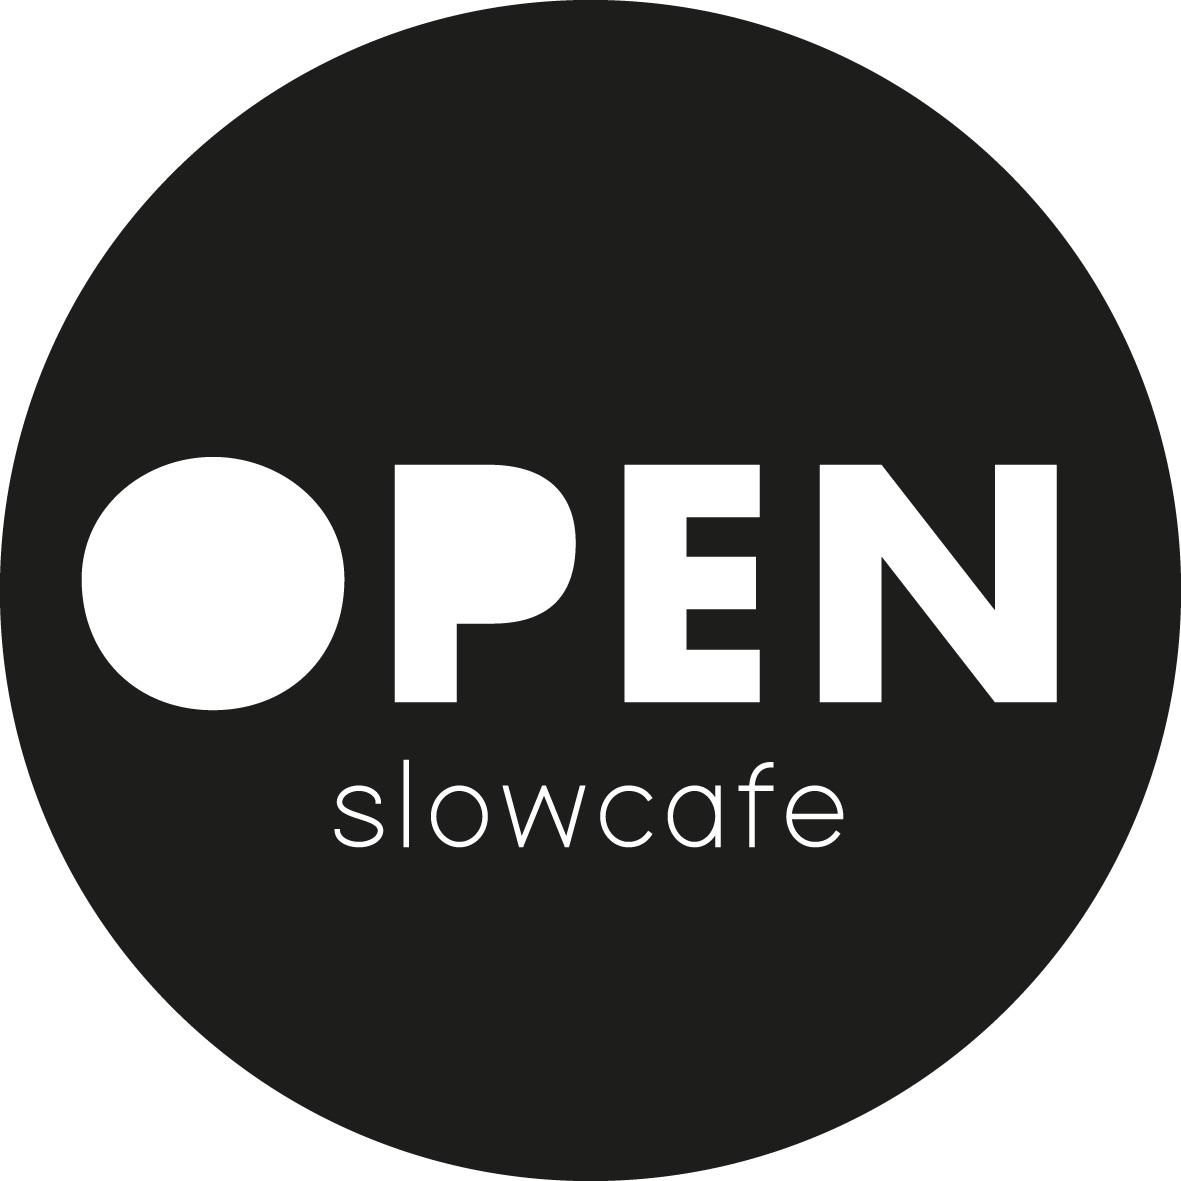 OPEN slowcafe